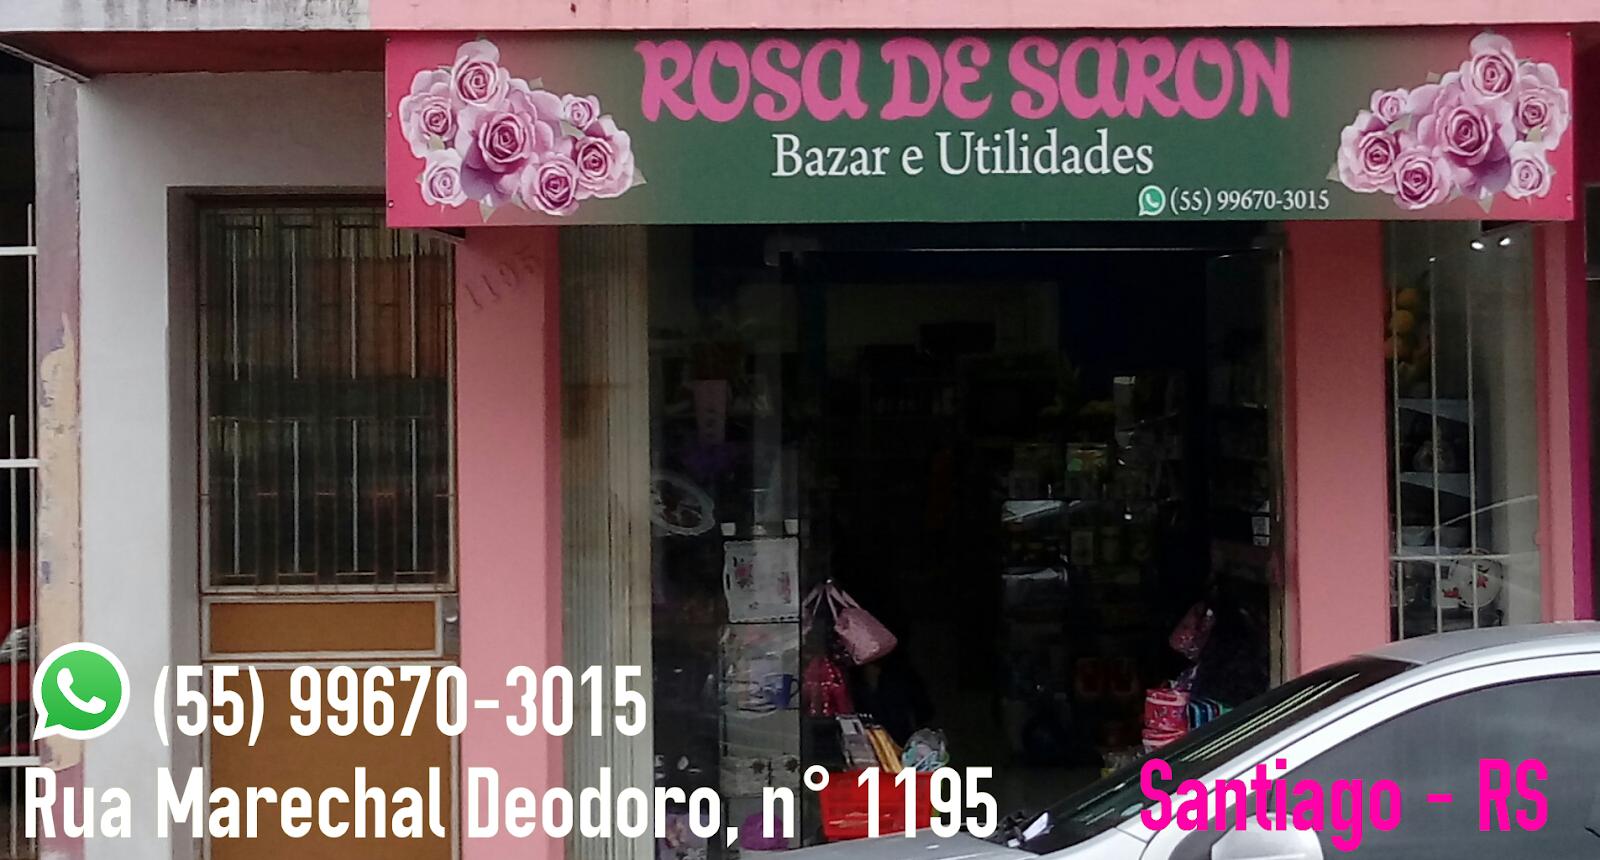 ROSA DE SARON - BAZAR E UTILIDADES